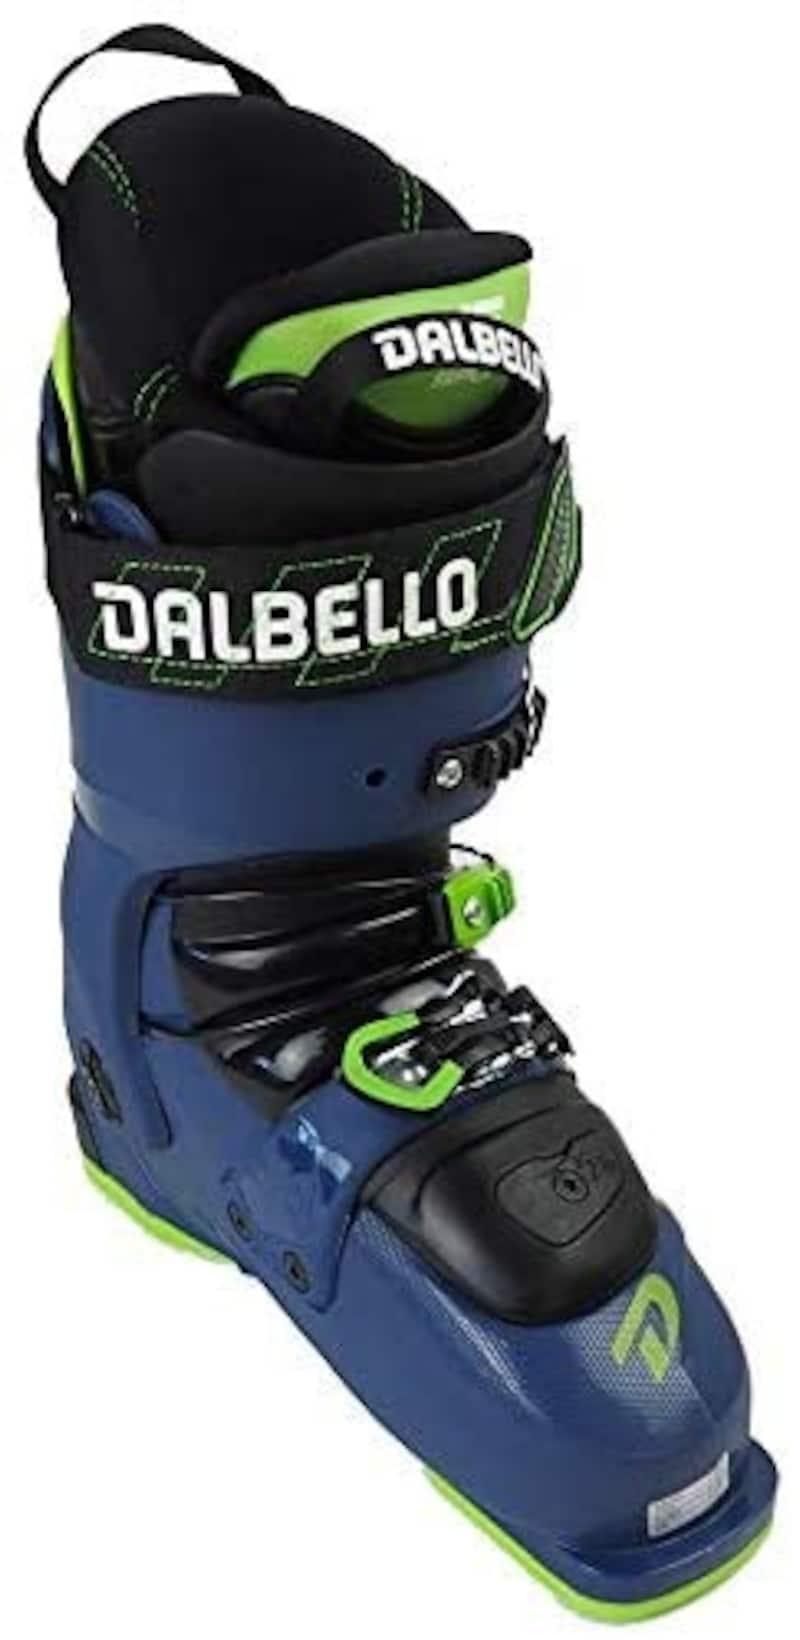 ダルベル(DALBELLO),フリースタイルスキーブーツ